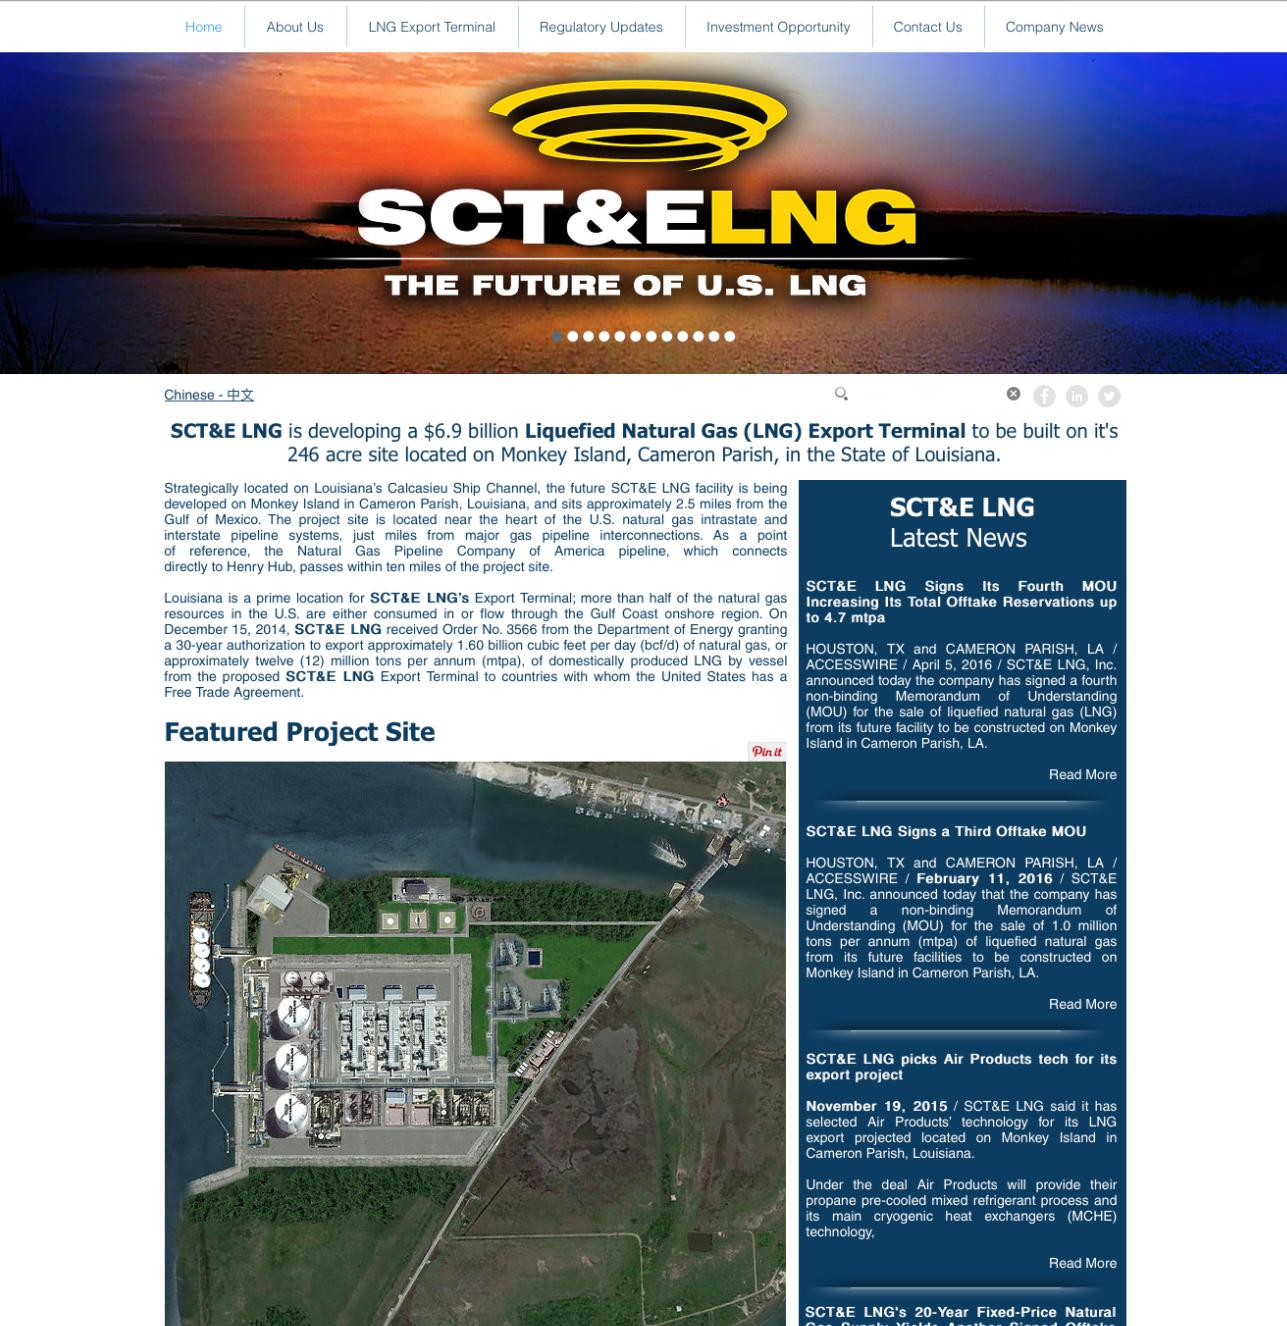 SCT&E LNG